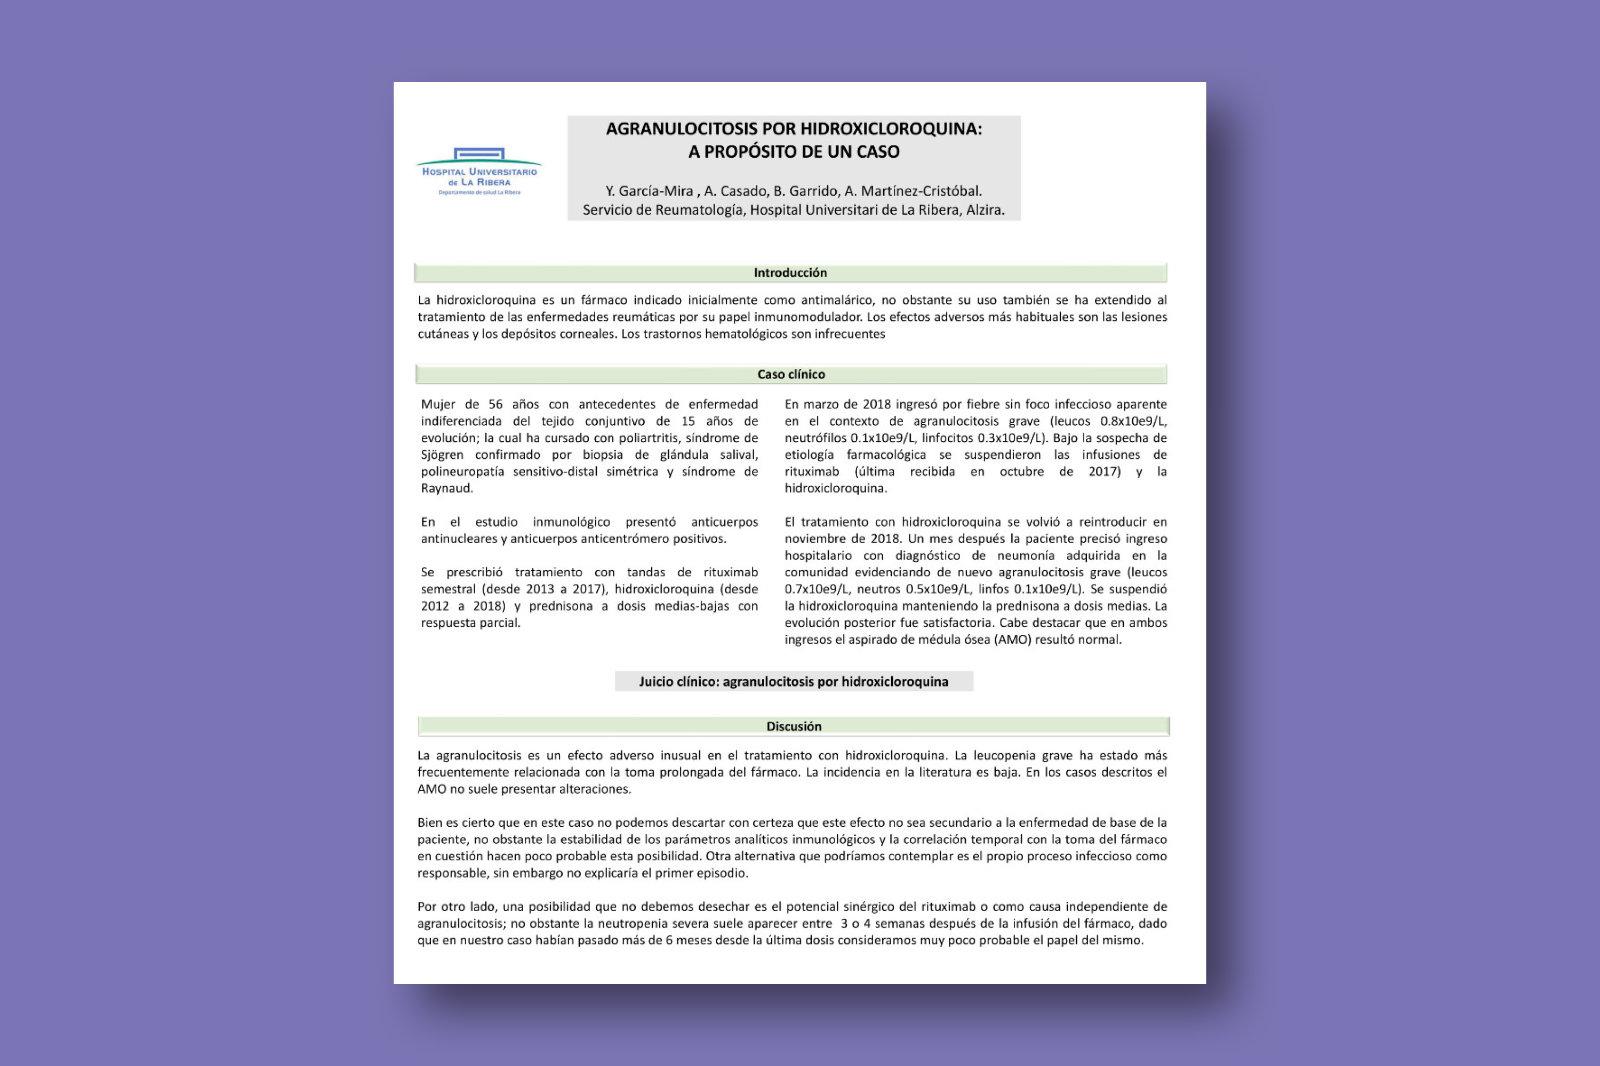 Agranulocitosis por hidroxicloroquina: a propósito de un caso